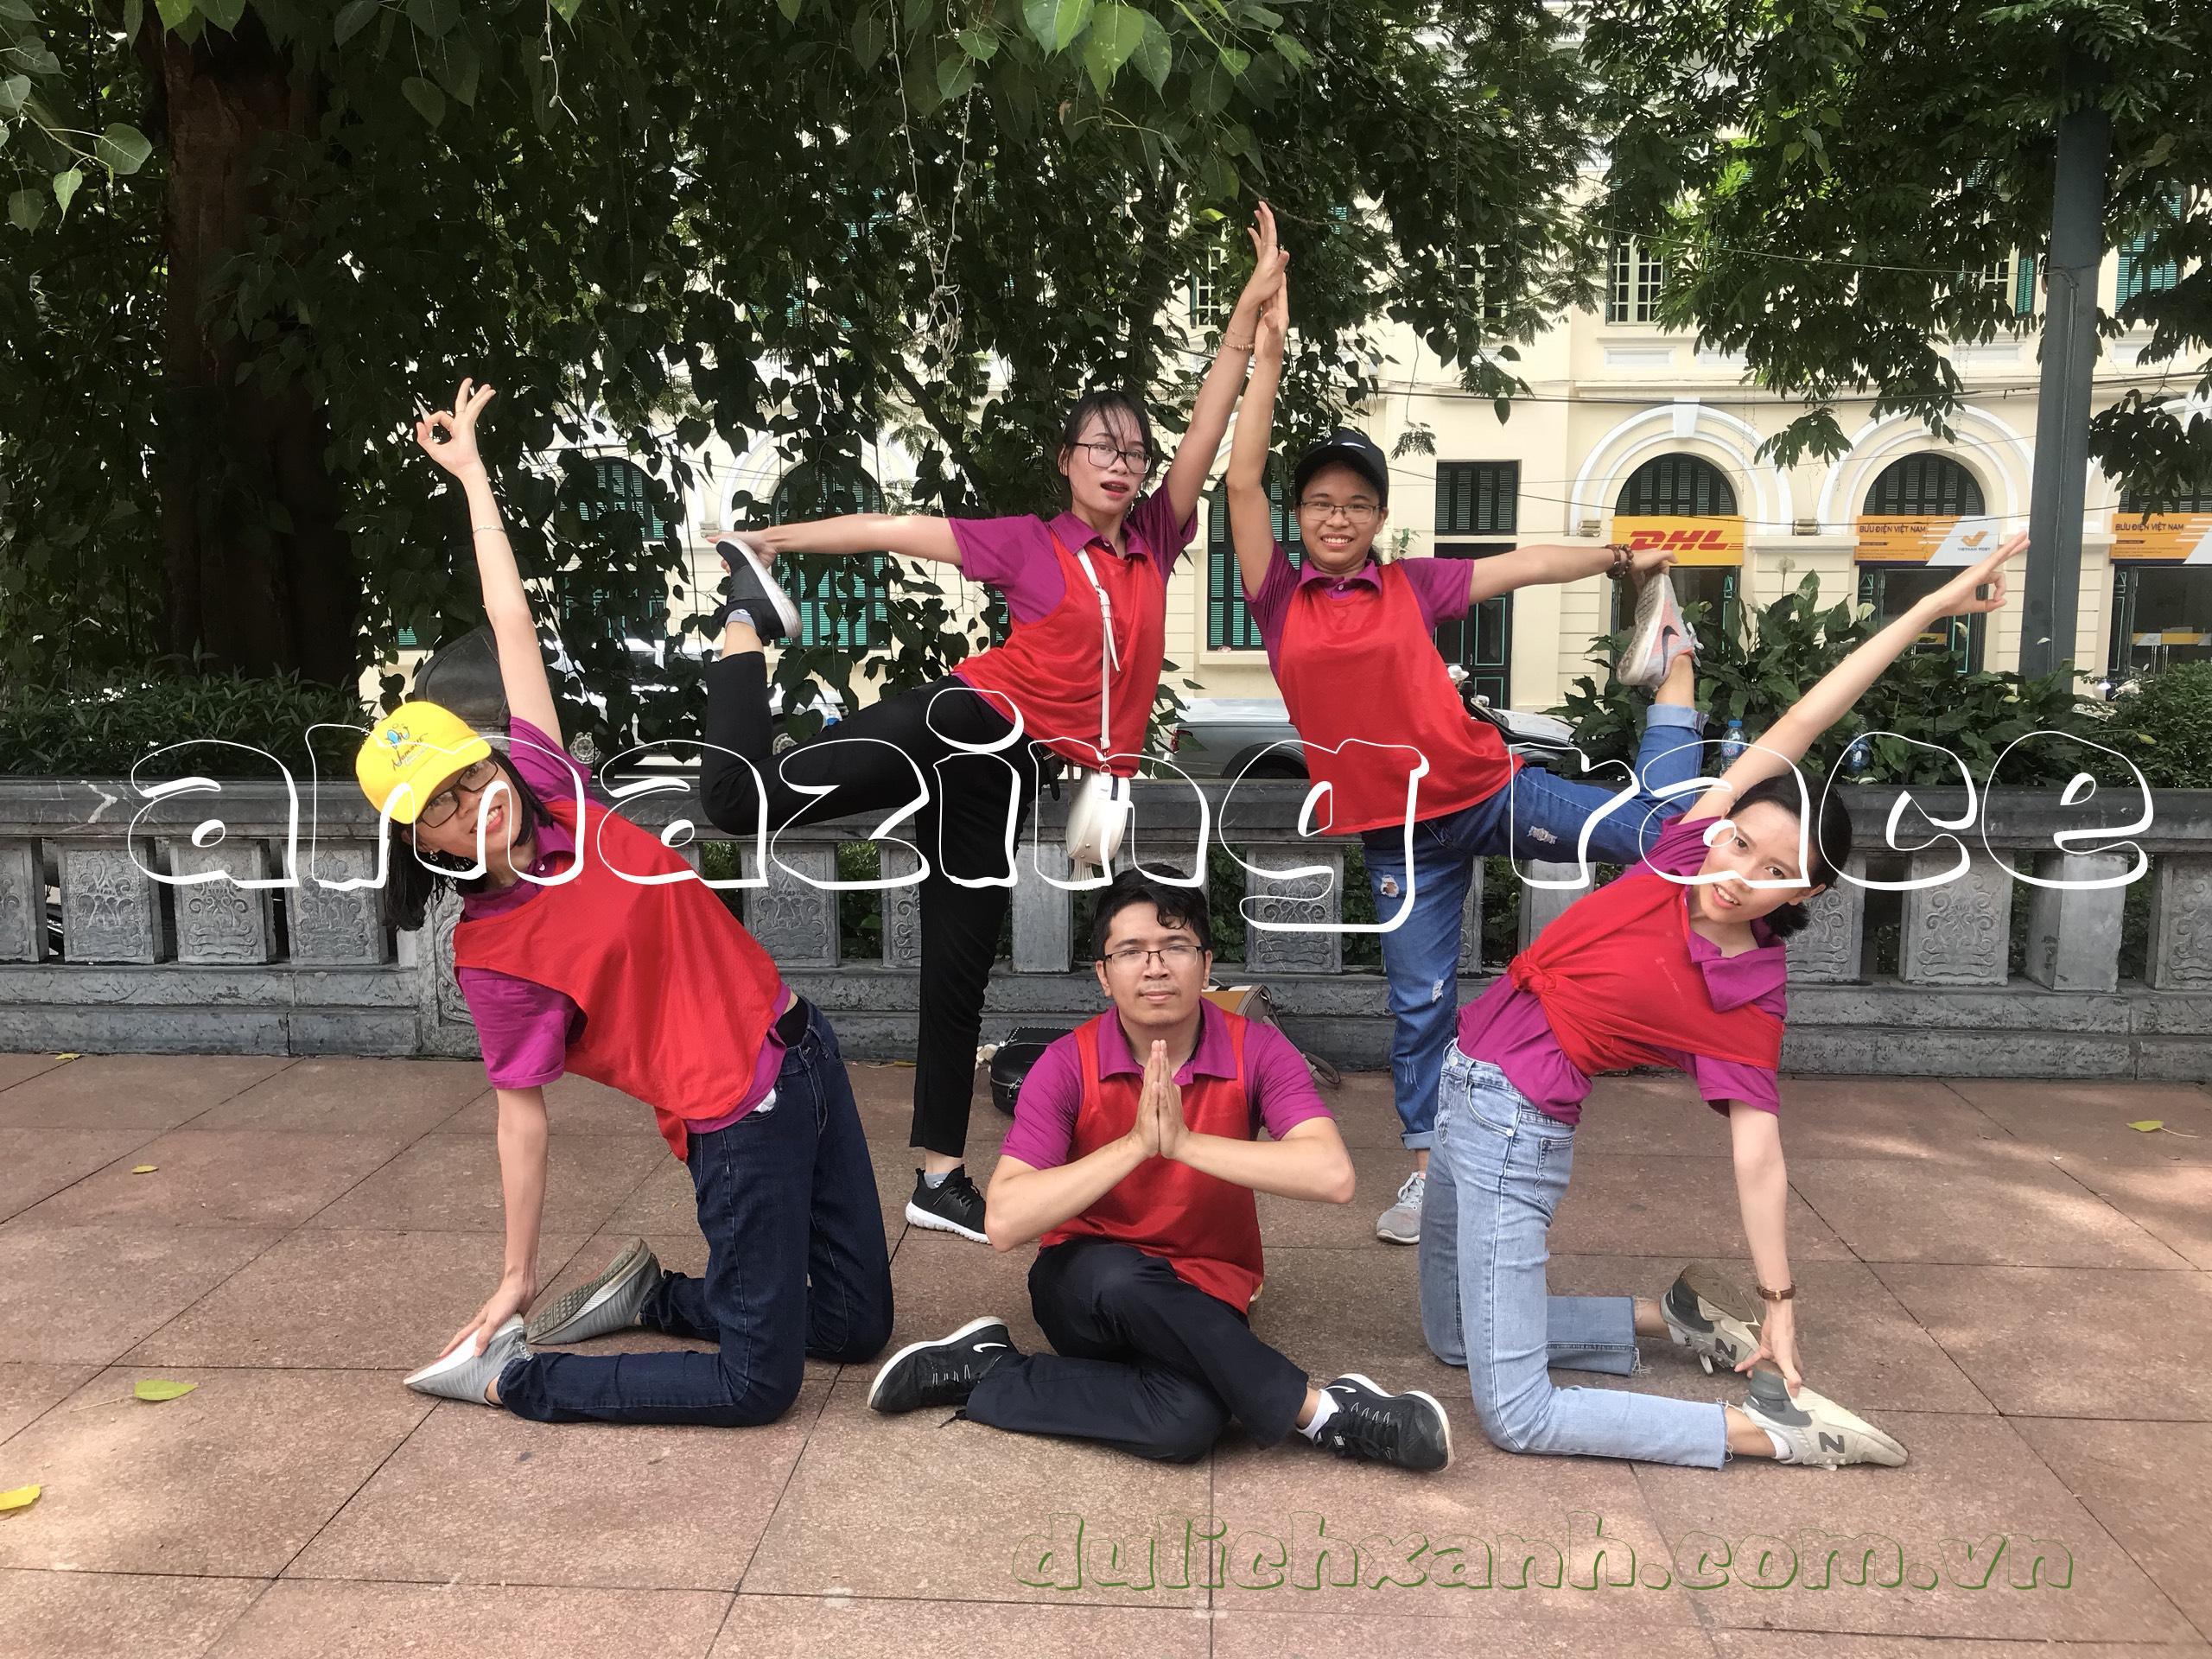 Team building ở Hà Nội - Amazing Race - Thăng Long Truyền kỳ